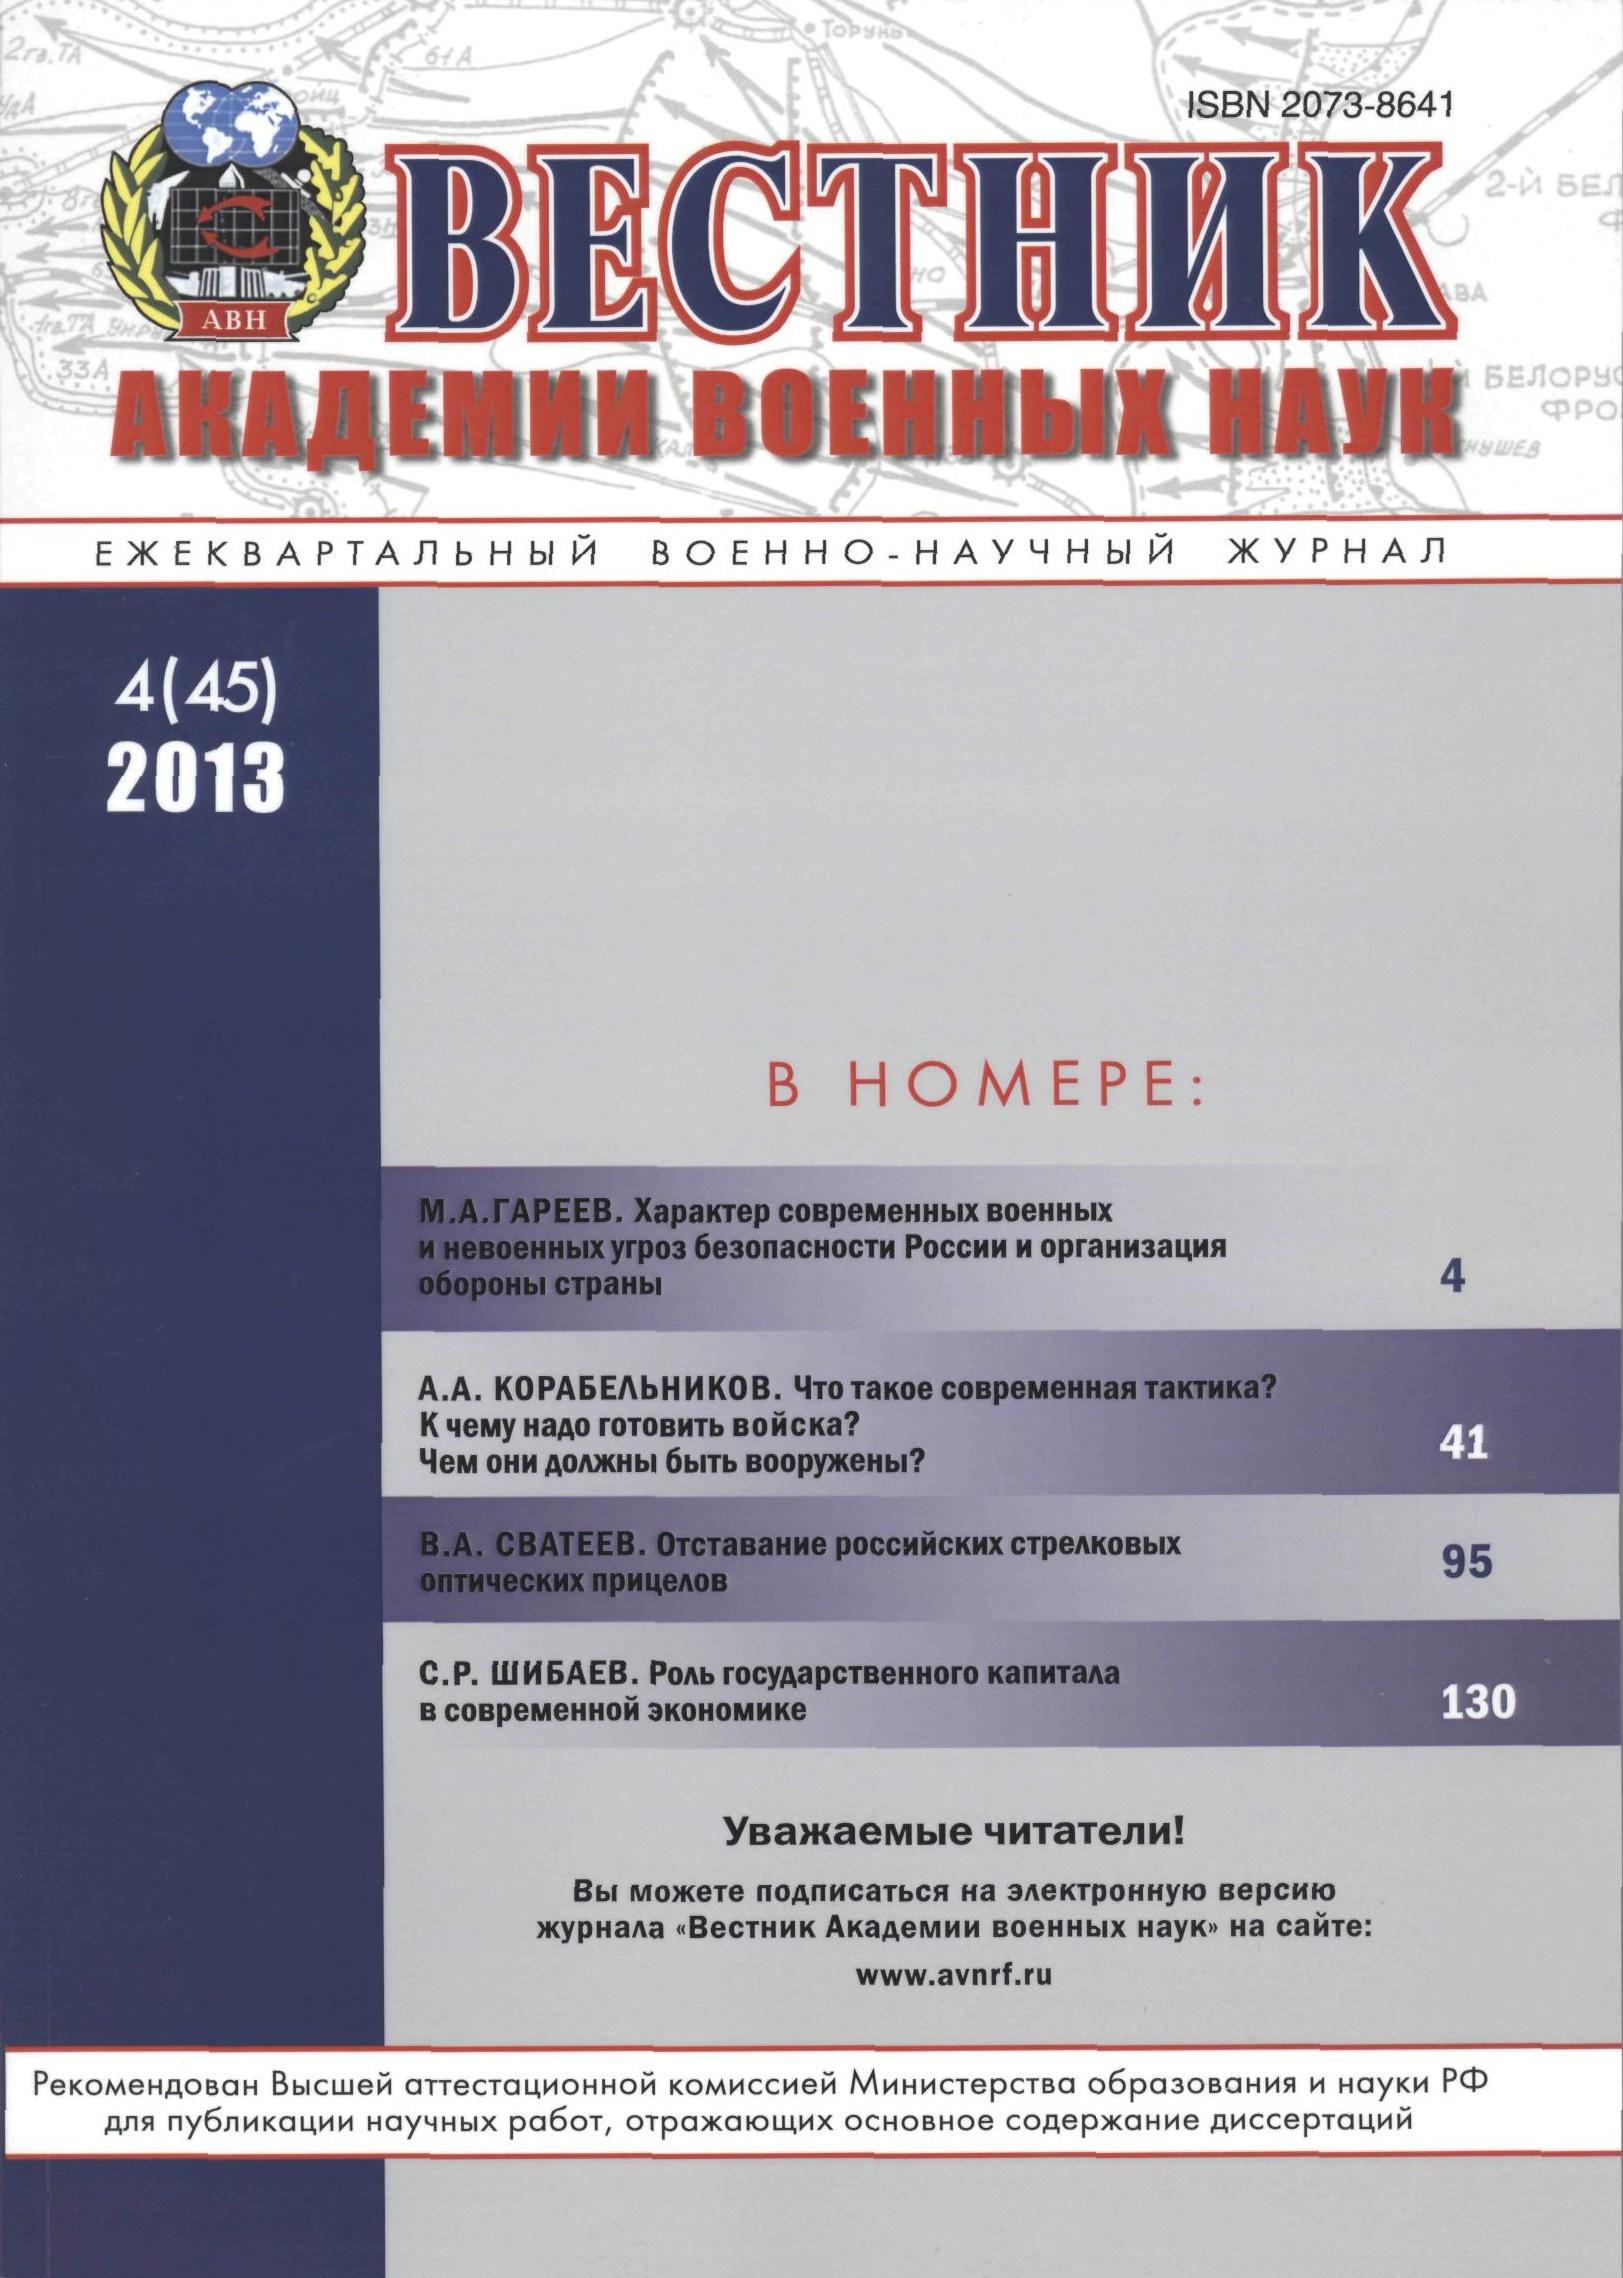 Журнал военный дипломат 6 фотография